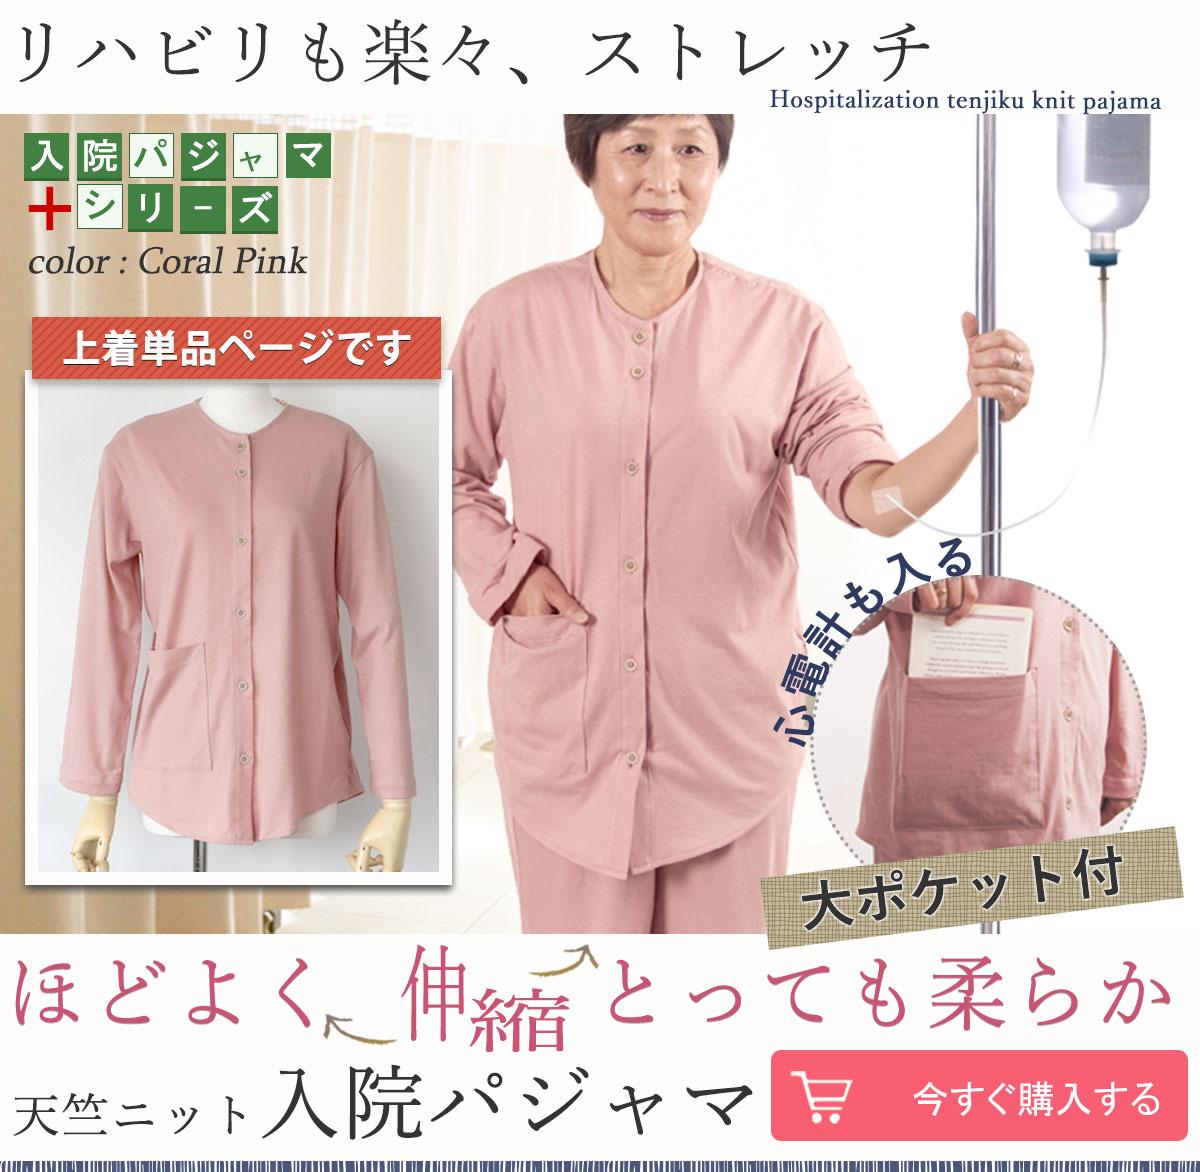 リハビリも楽々、ストレッチ、入院パジャマシリーズ天竺ニット入院パジャマ上着単品